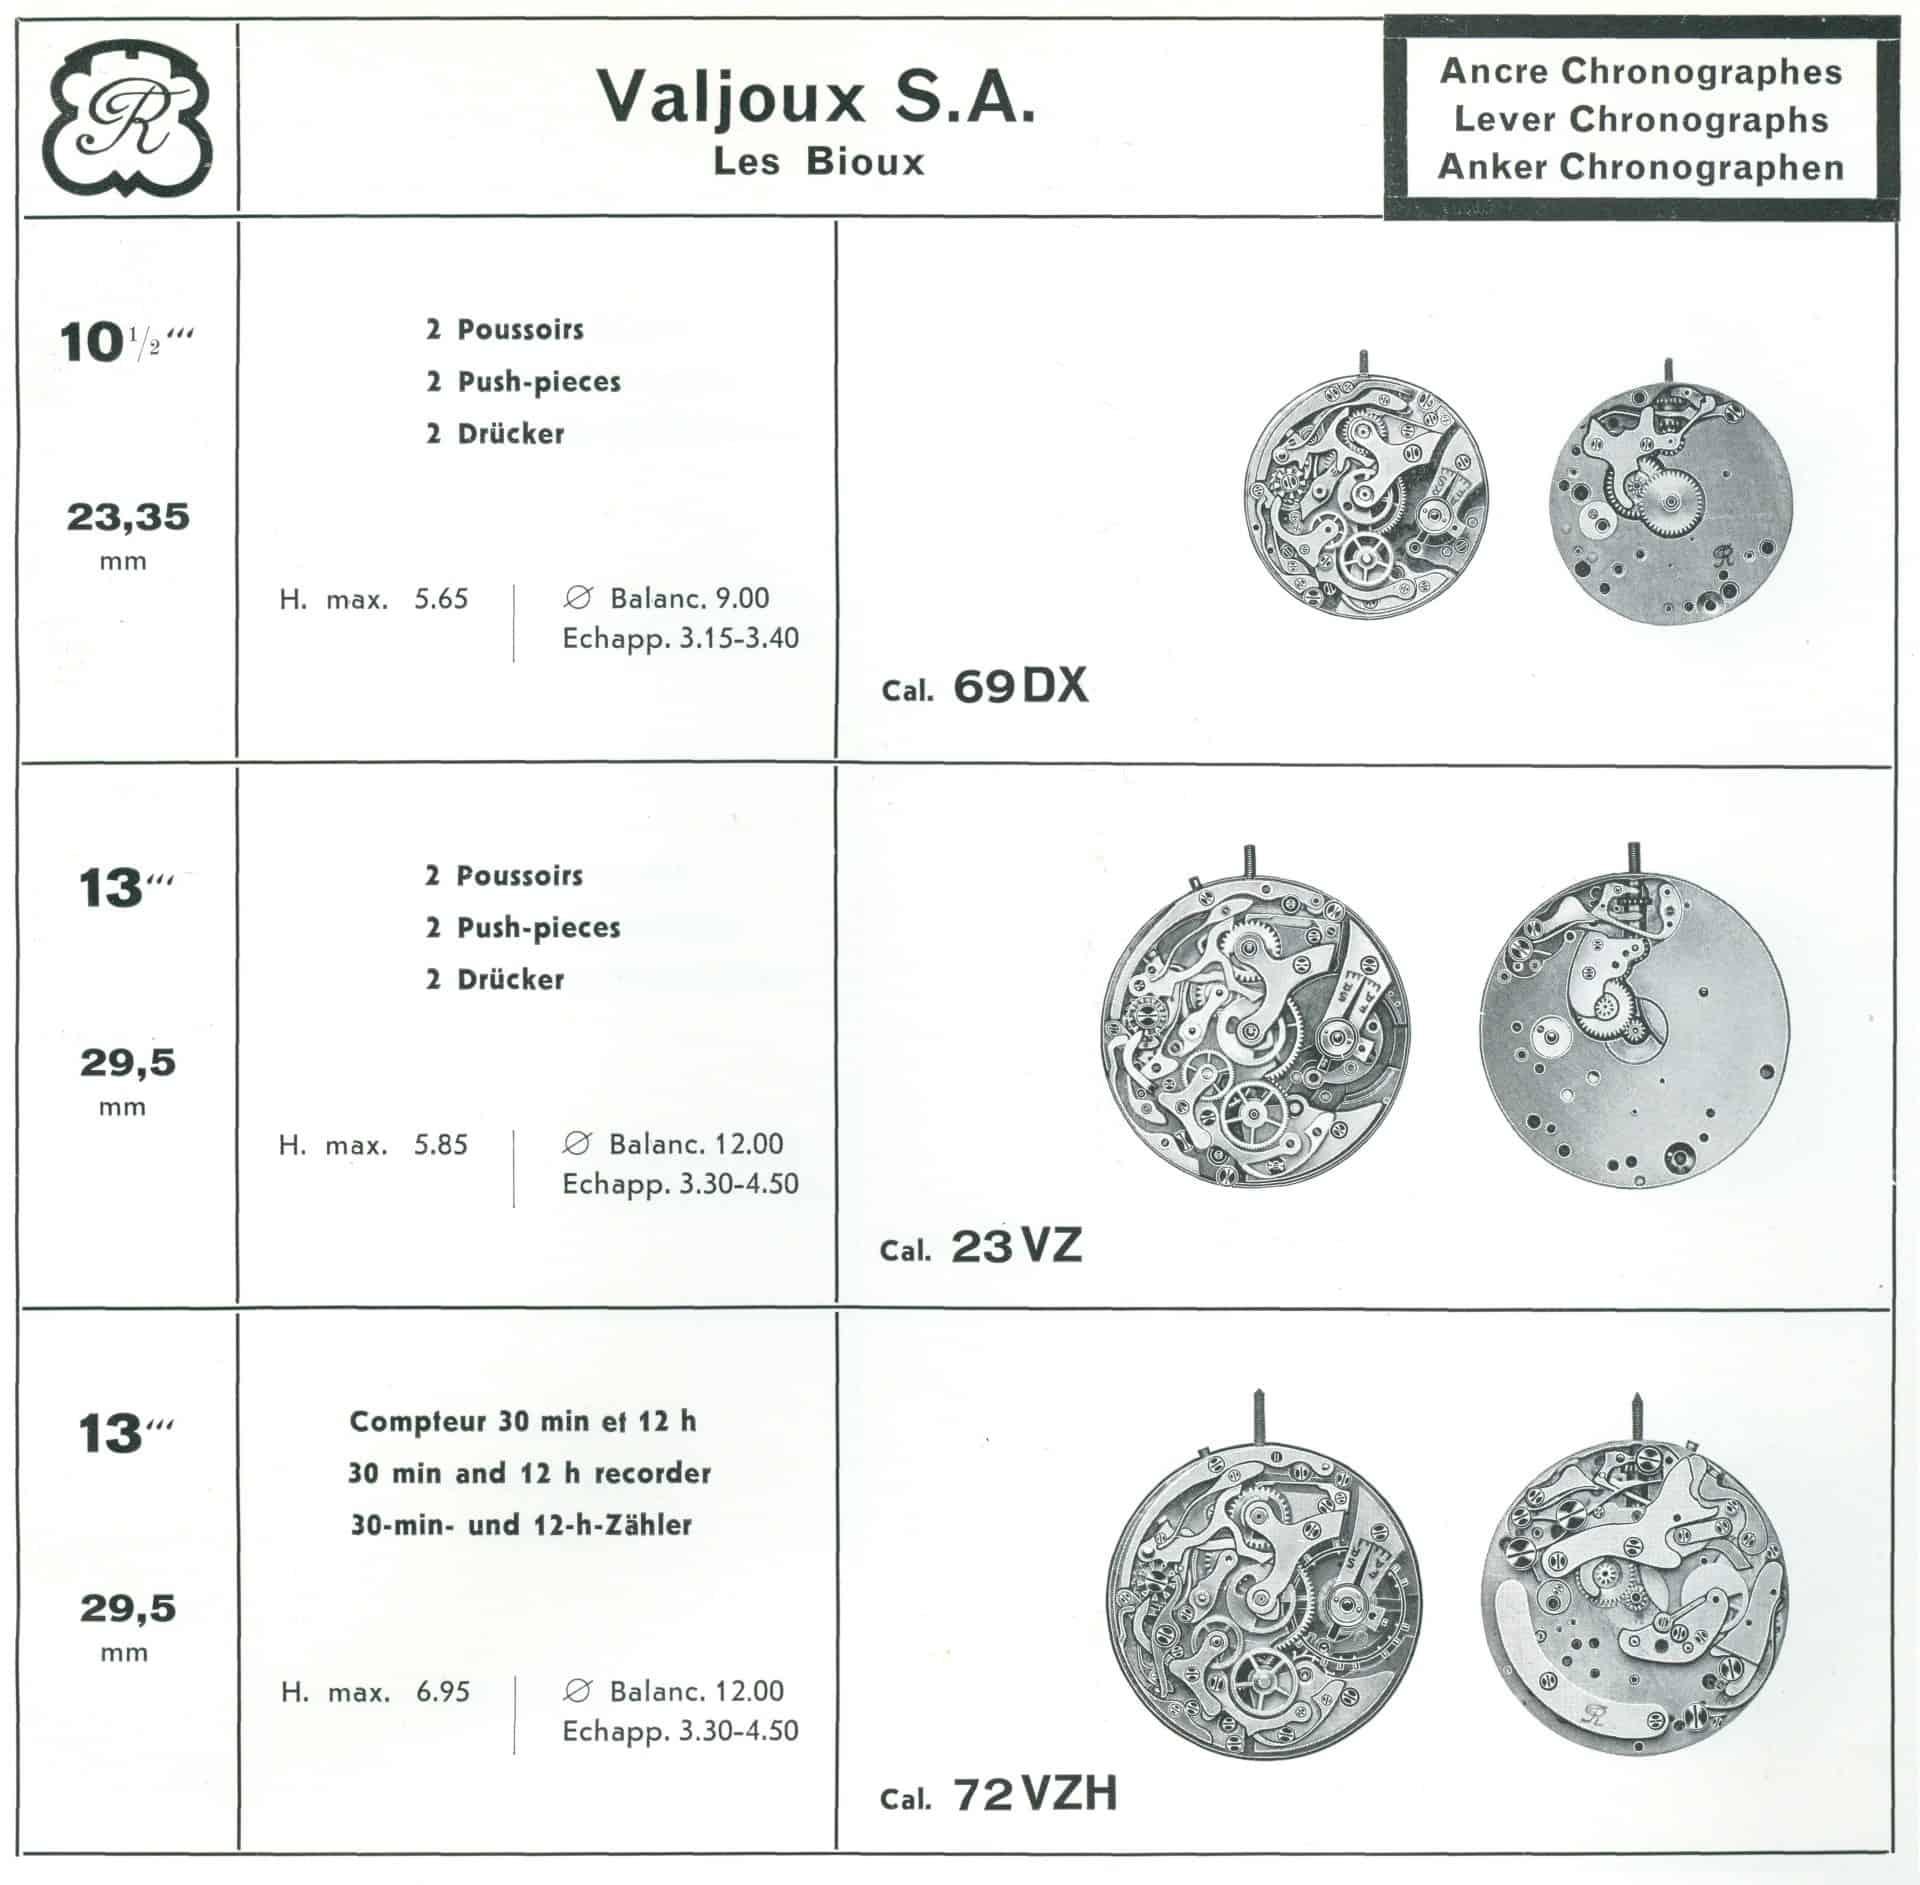 Die von Audemars Piguet verwendeten Valjoux Chronographenkaliber 69 DX, 23 VZ und 72 VZH